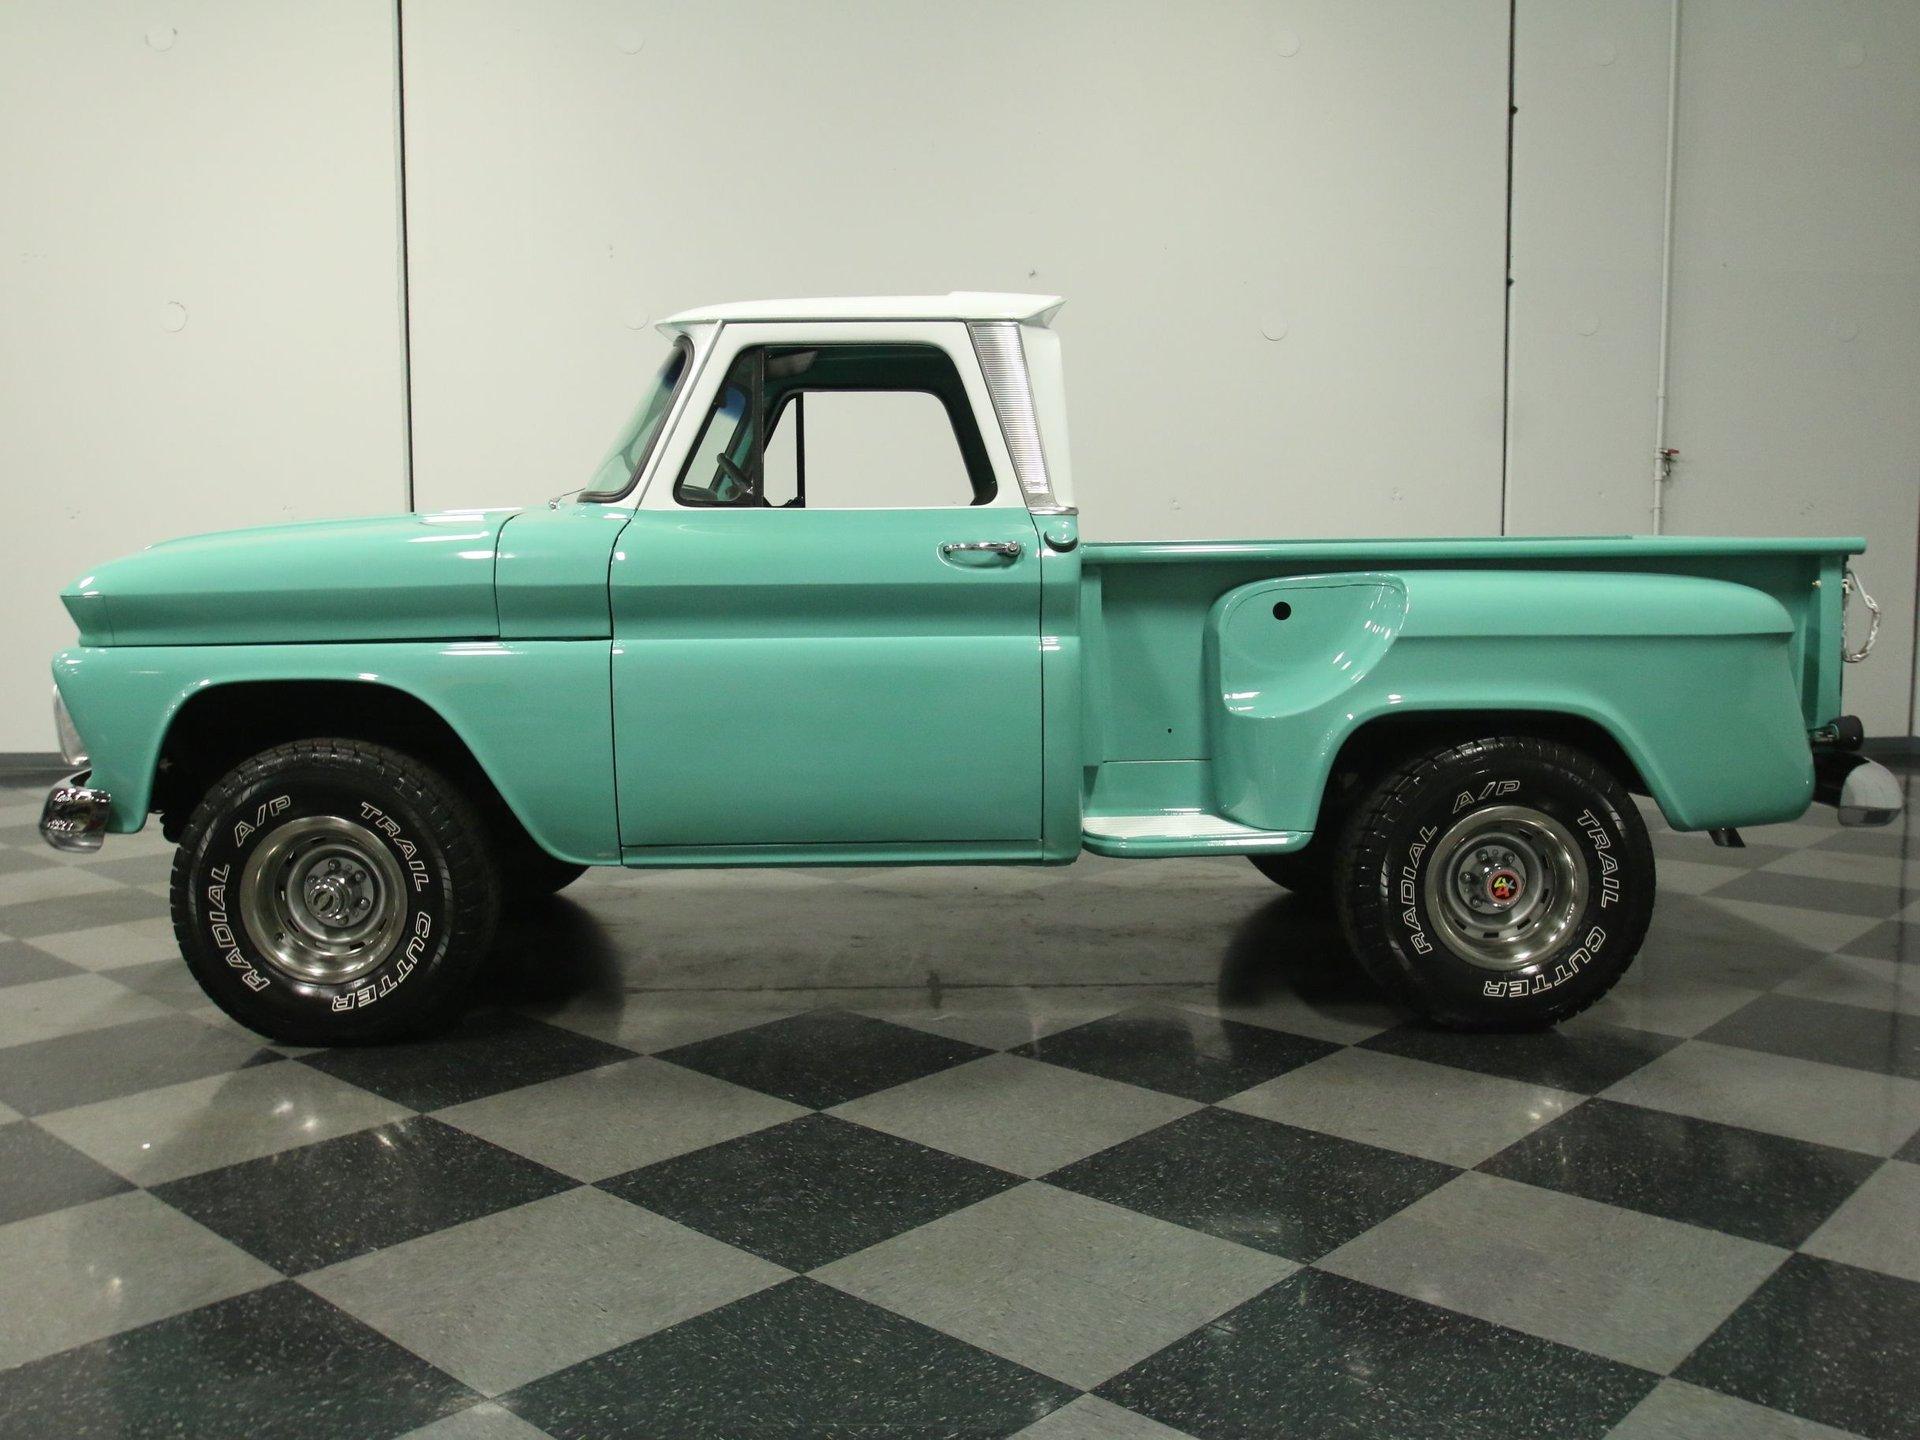 1965 chevrolet c10 4x4